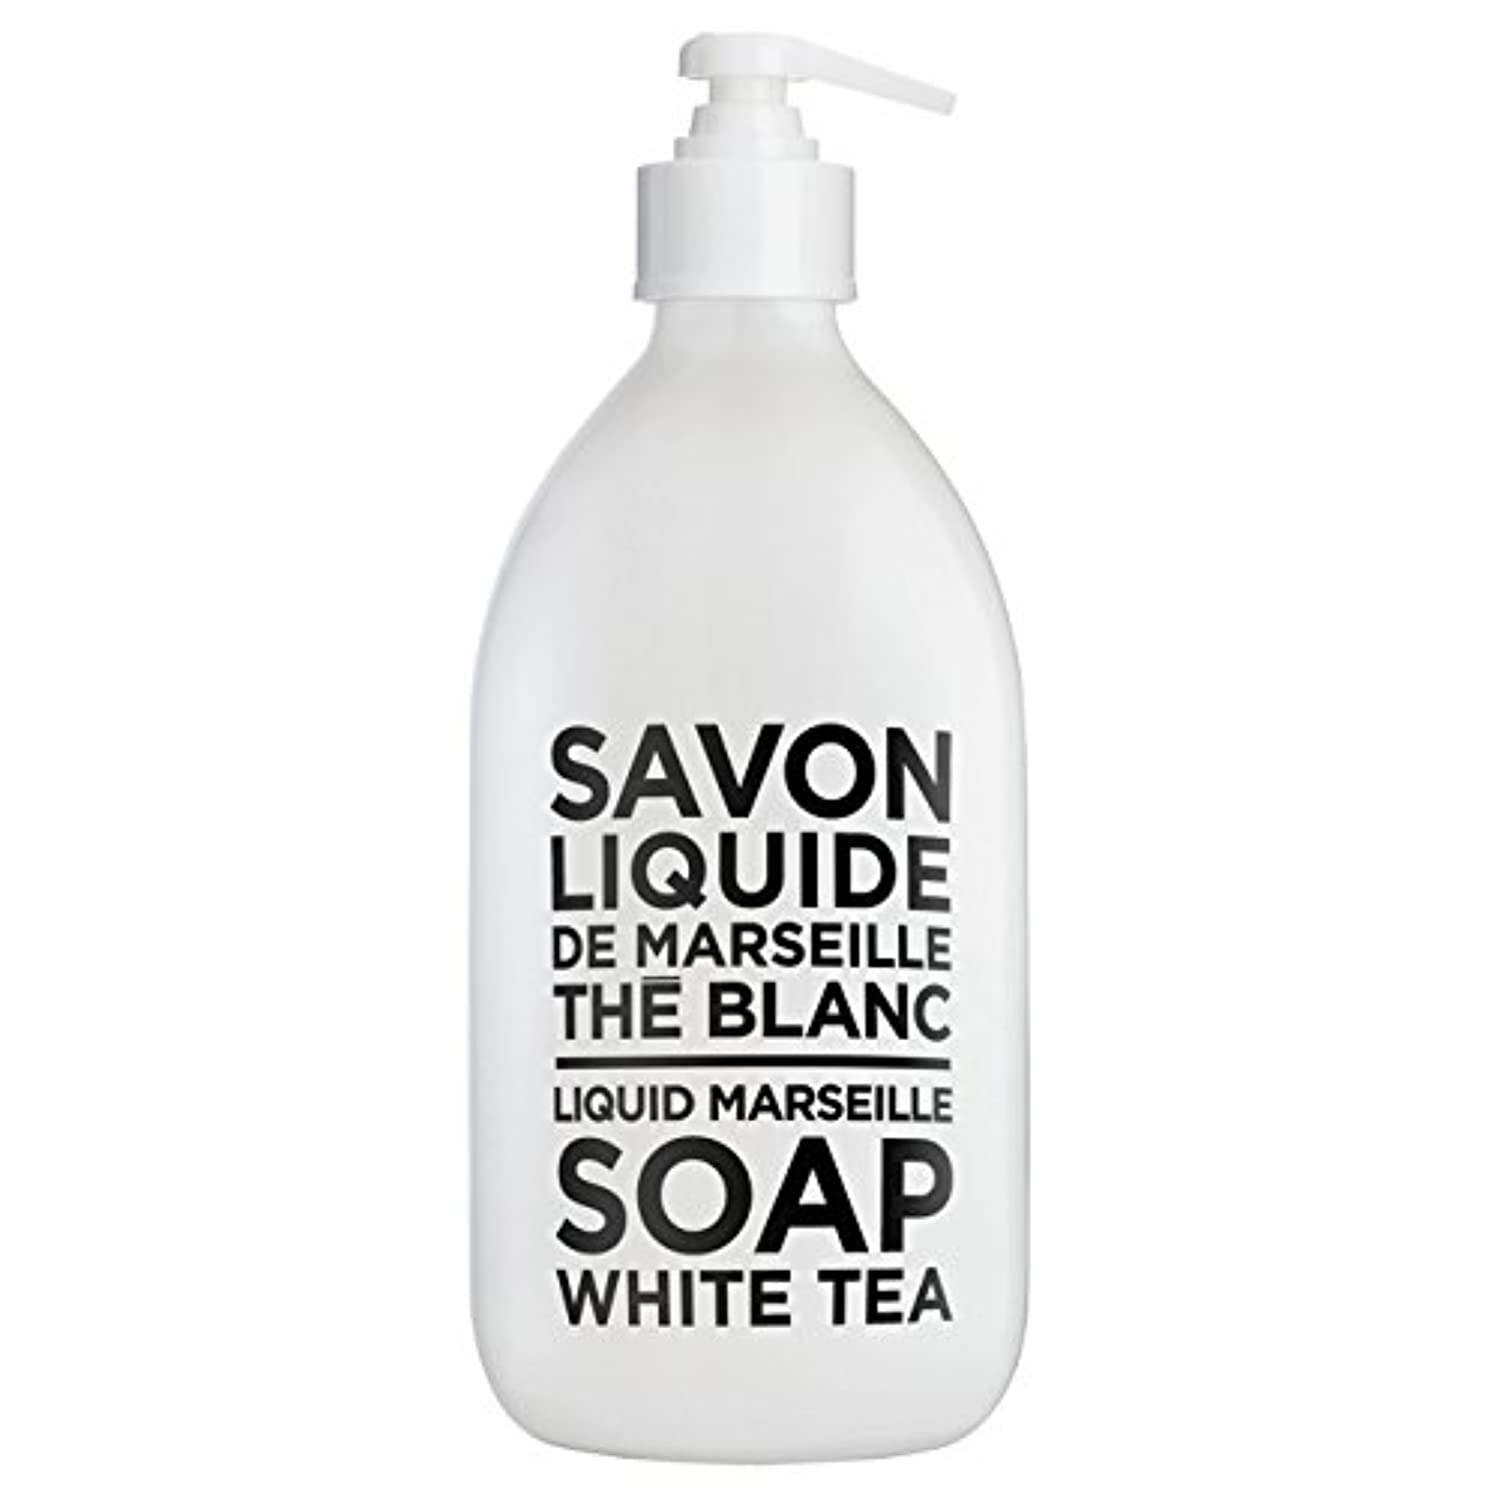 欺ダメージ法令カンパニードプロバンス ブラック&ホワイト リキッドソープ ホワイトティー(ホワイトティーにシトラスを添えた気品ある香り) 500ml